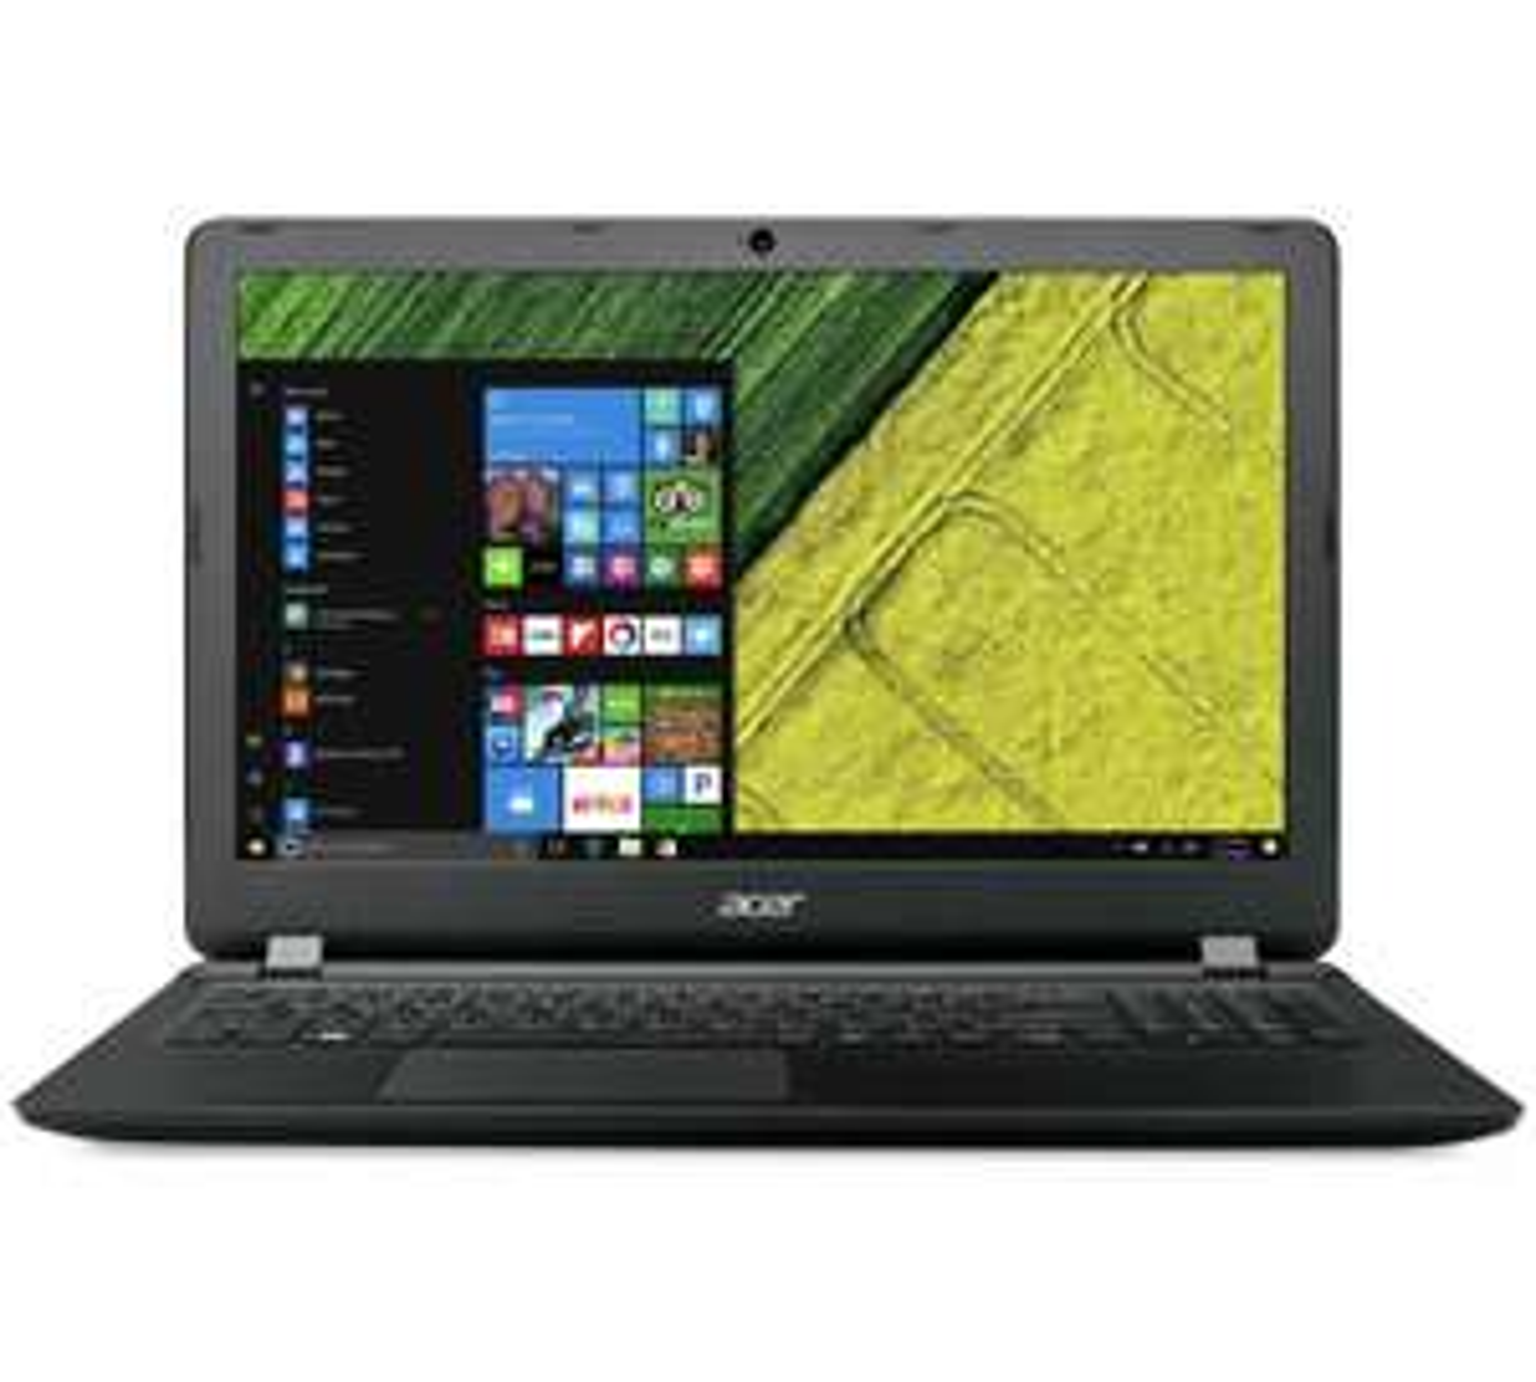 Acer ES 15.6 Inch Pentium 8GB 2TB Laptop - Black £329.99 @ Argos